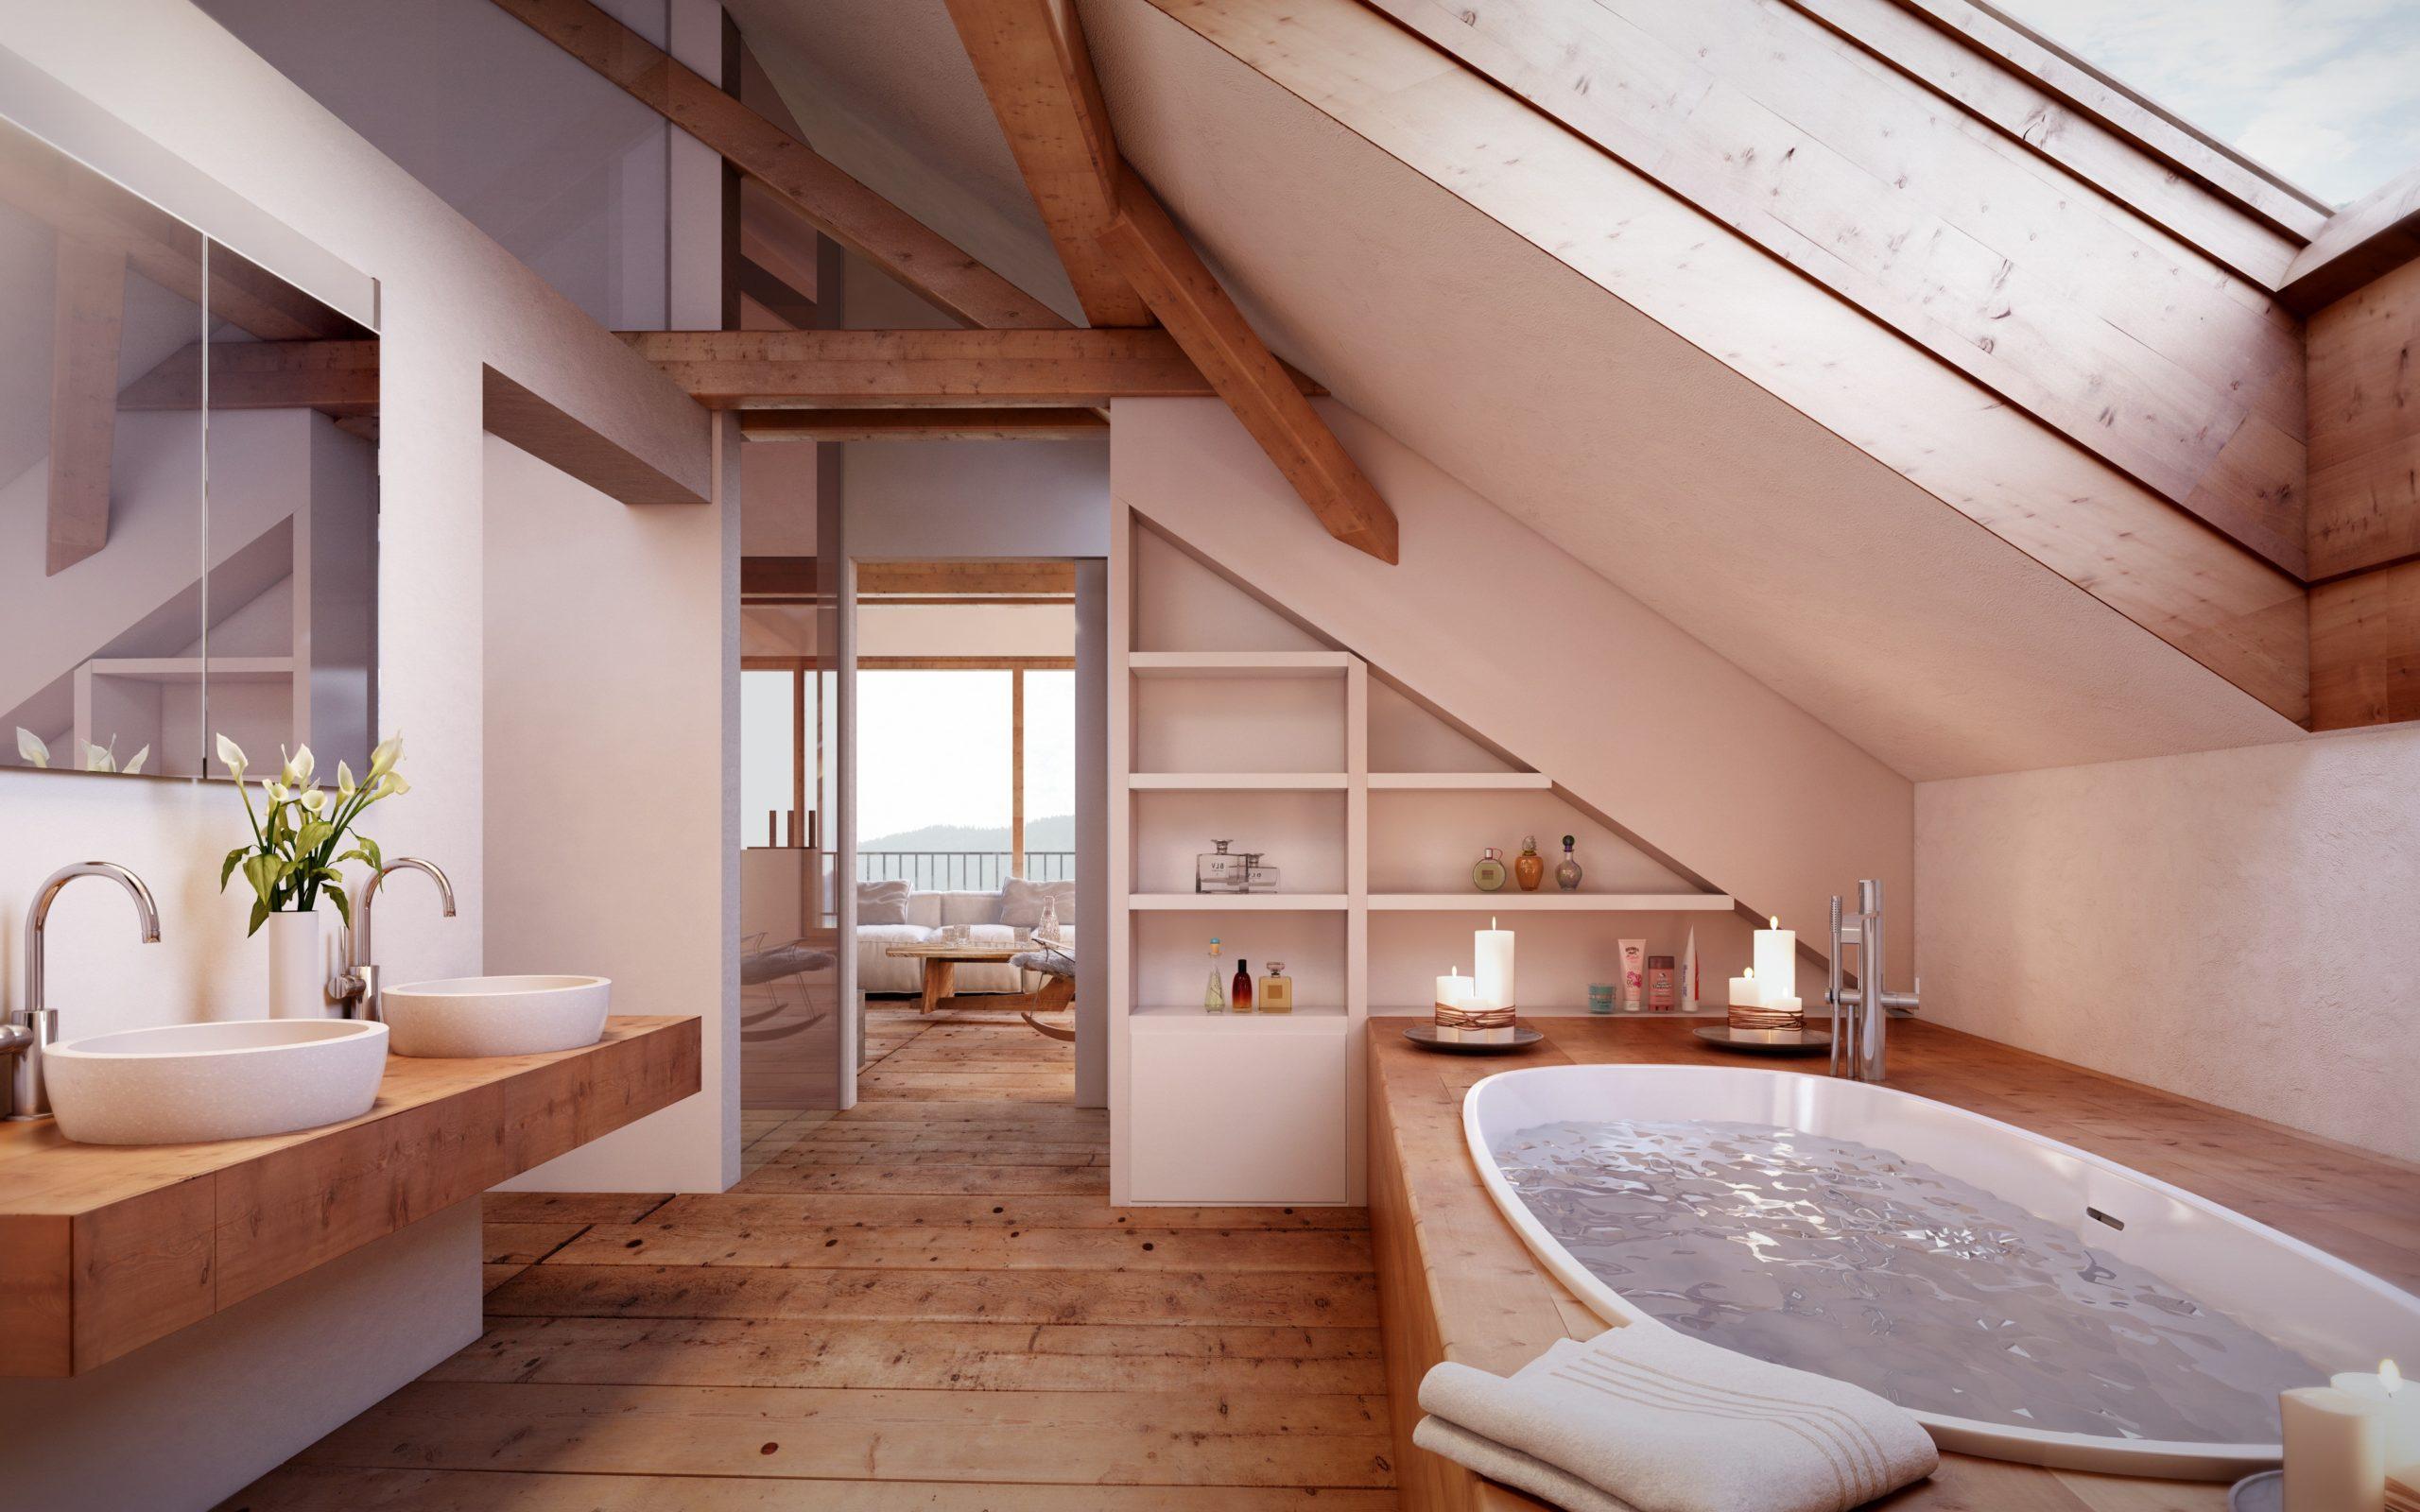 Salle d'eau sous combles avec des éléments en bois.